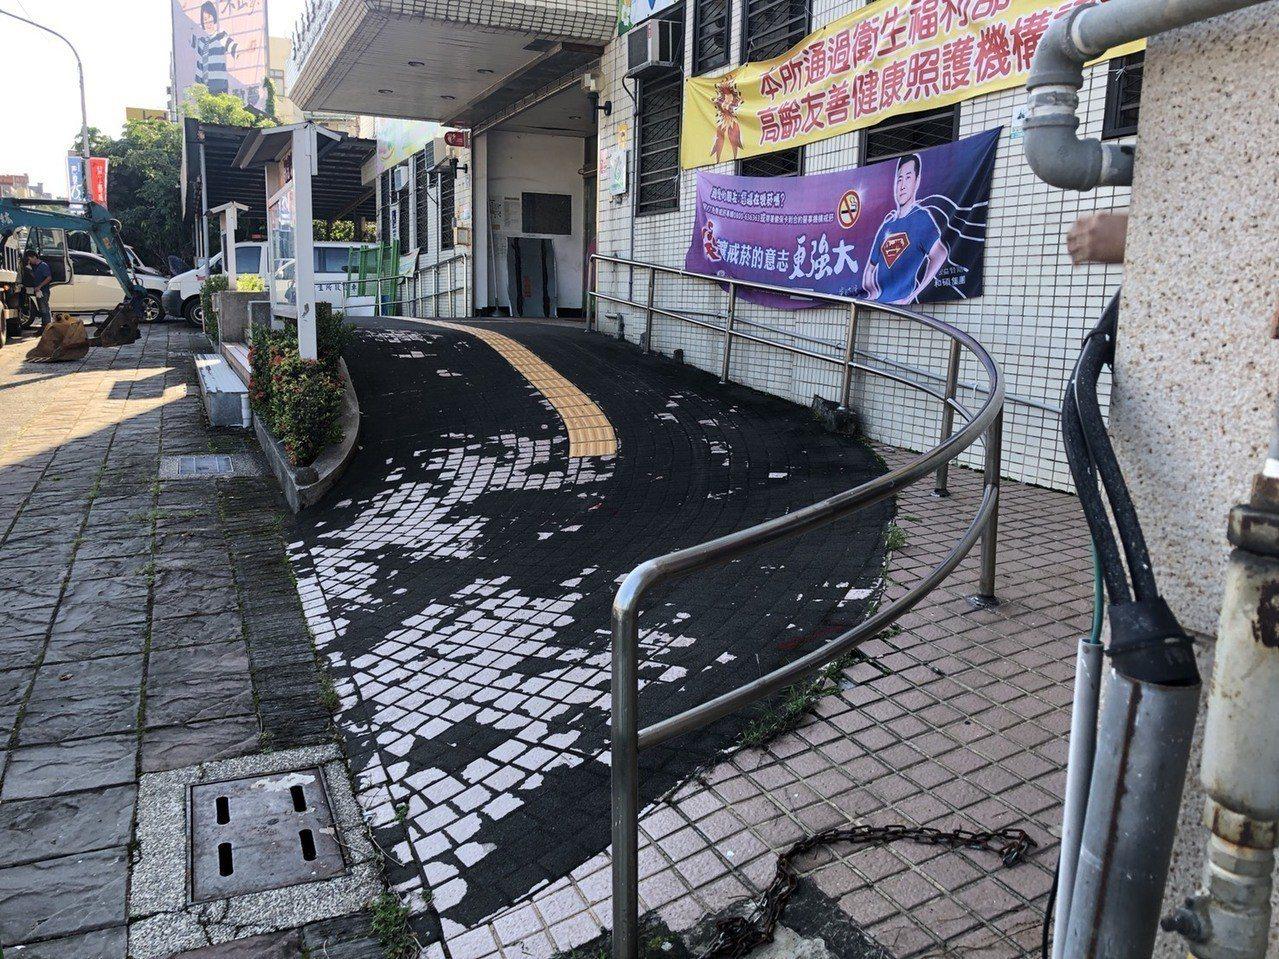 嘉義市東區衛生所整修之前,地磚剝落嚴重。 圖/林唐逵提供